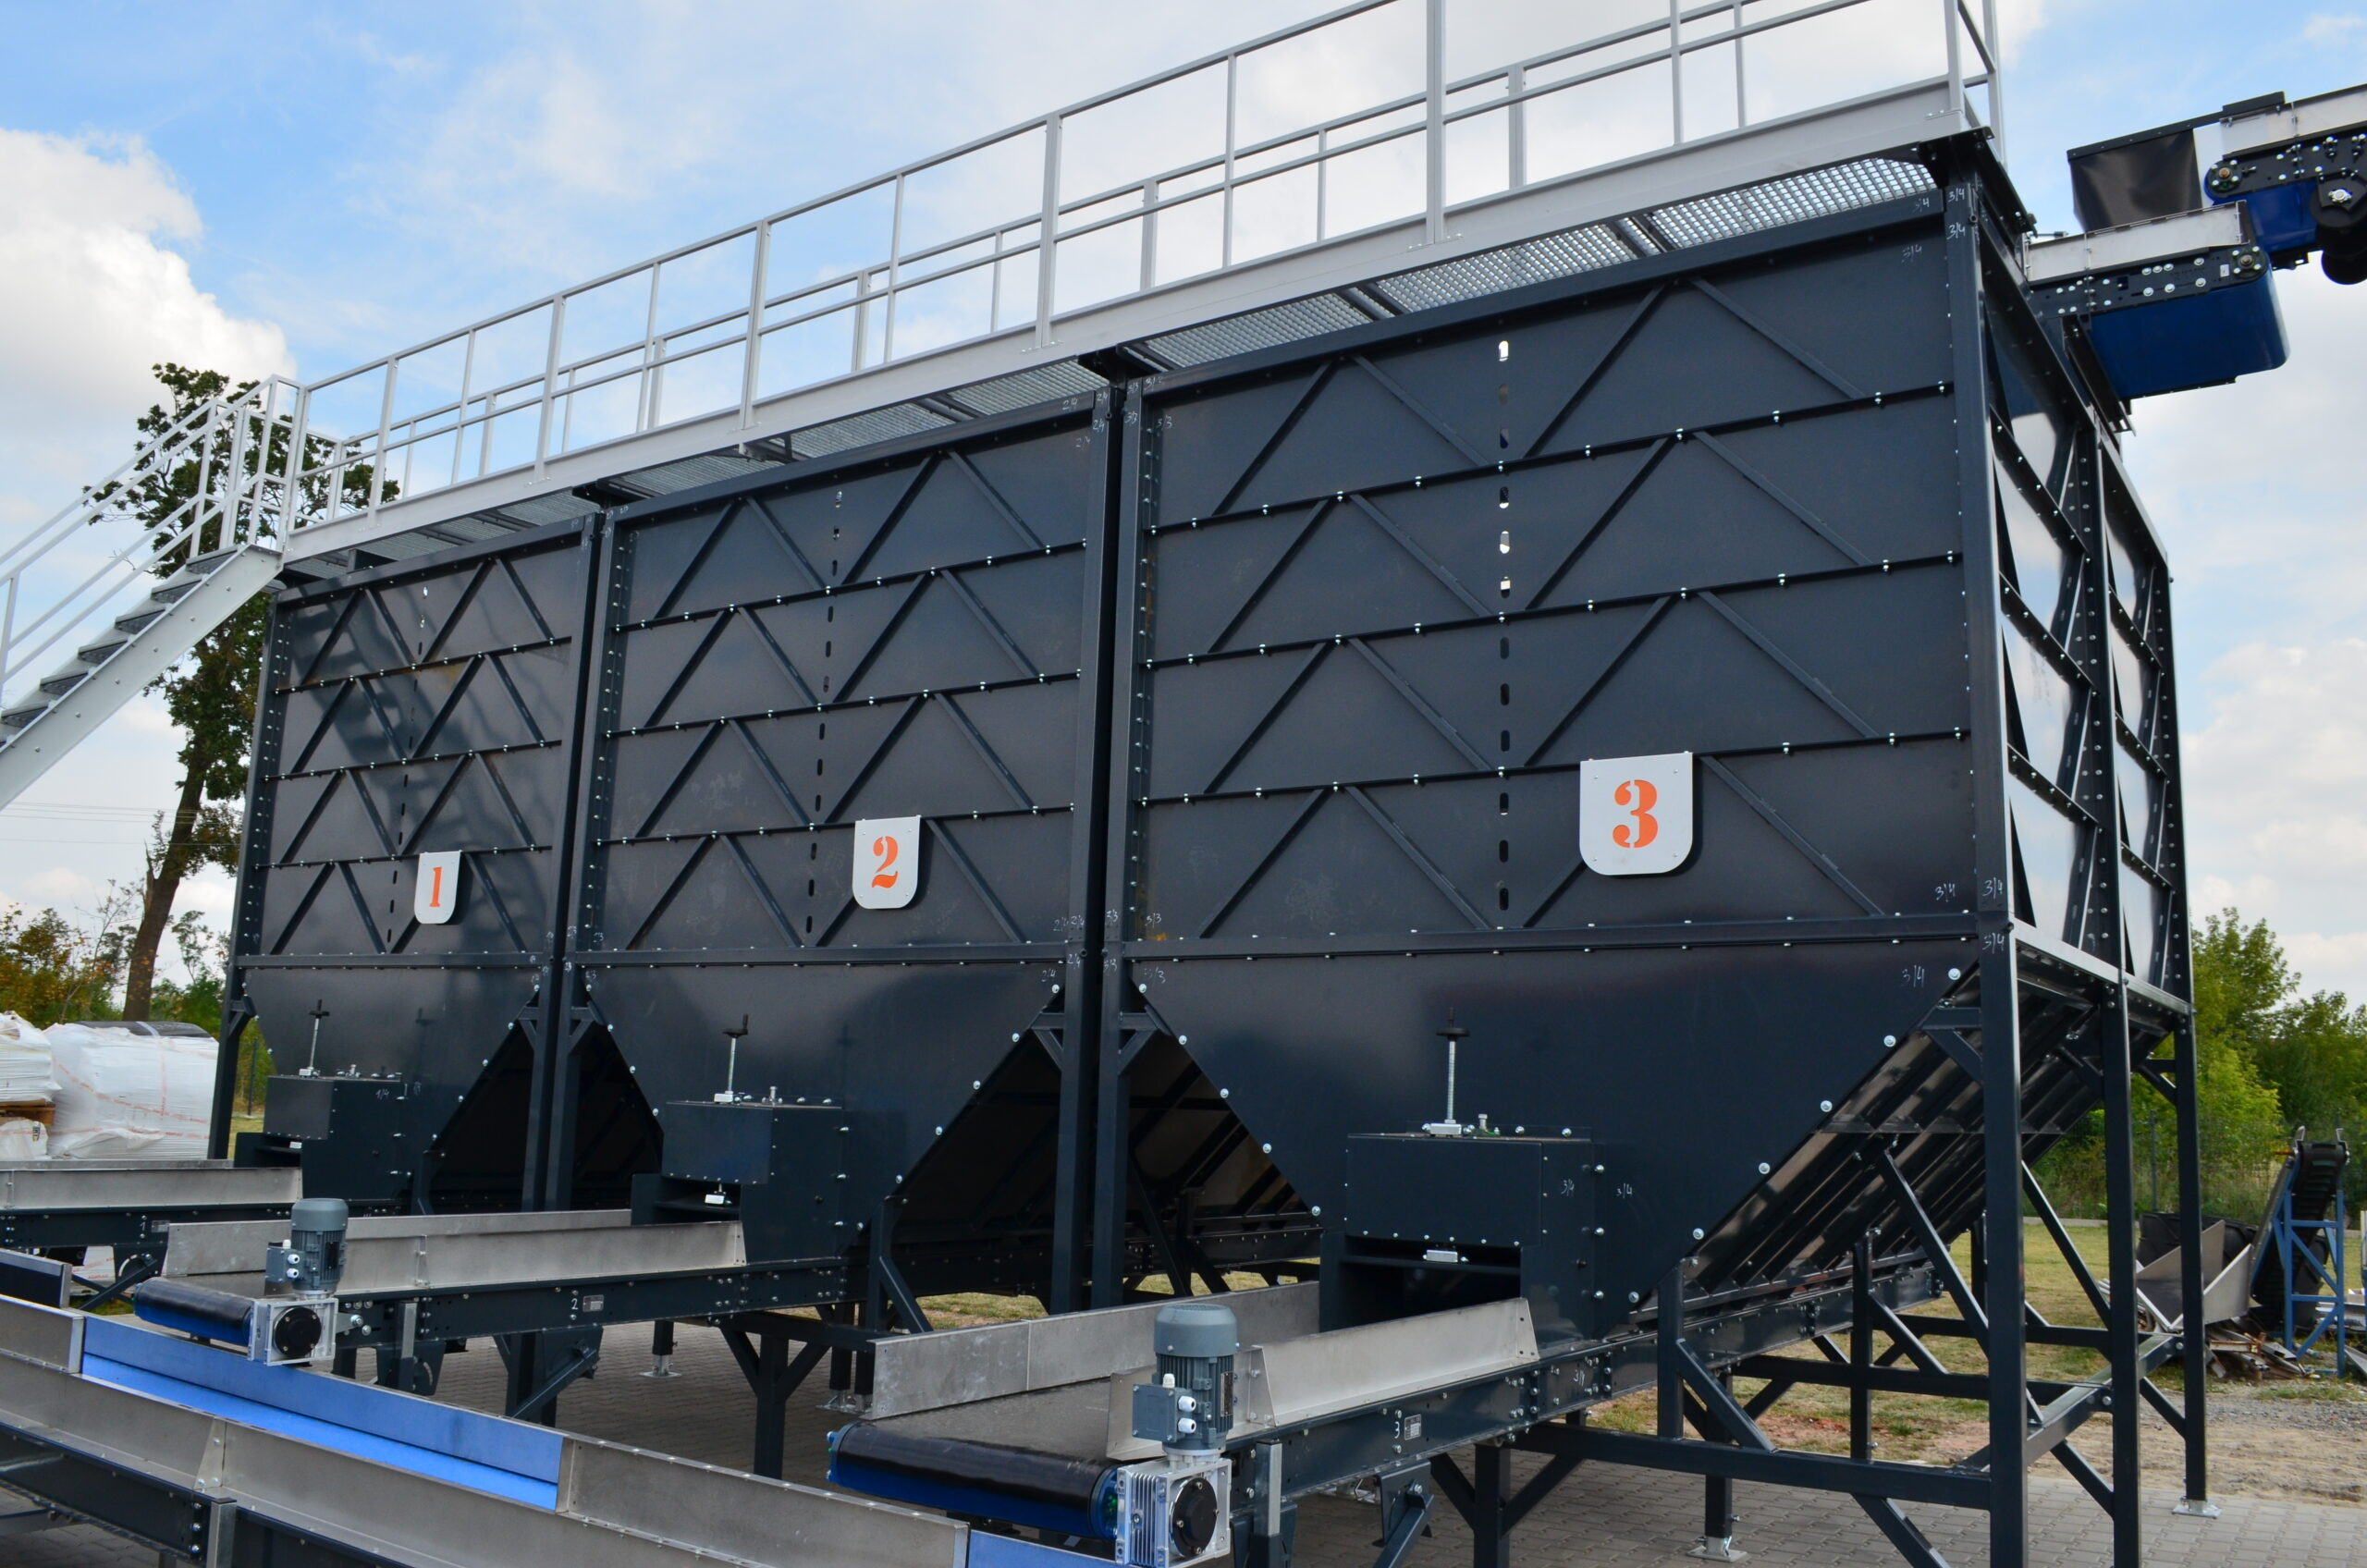 Бункер разгрузочный с транспортером транспортер т4 пассажирский